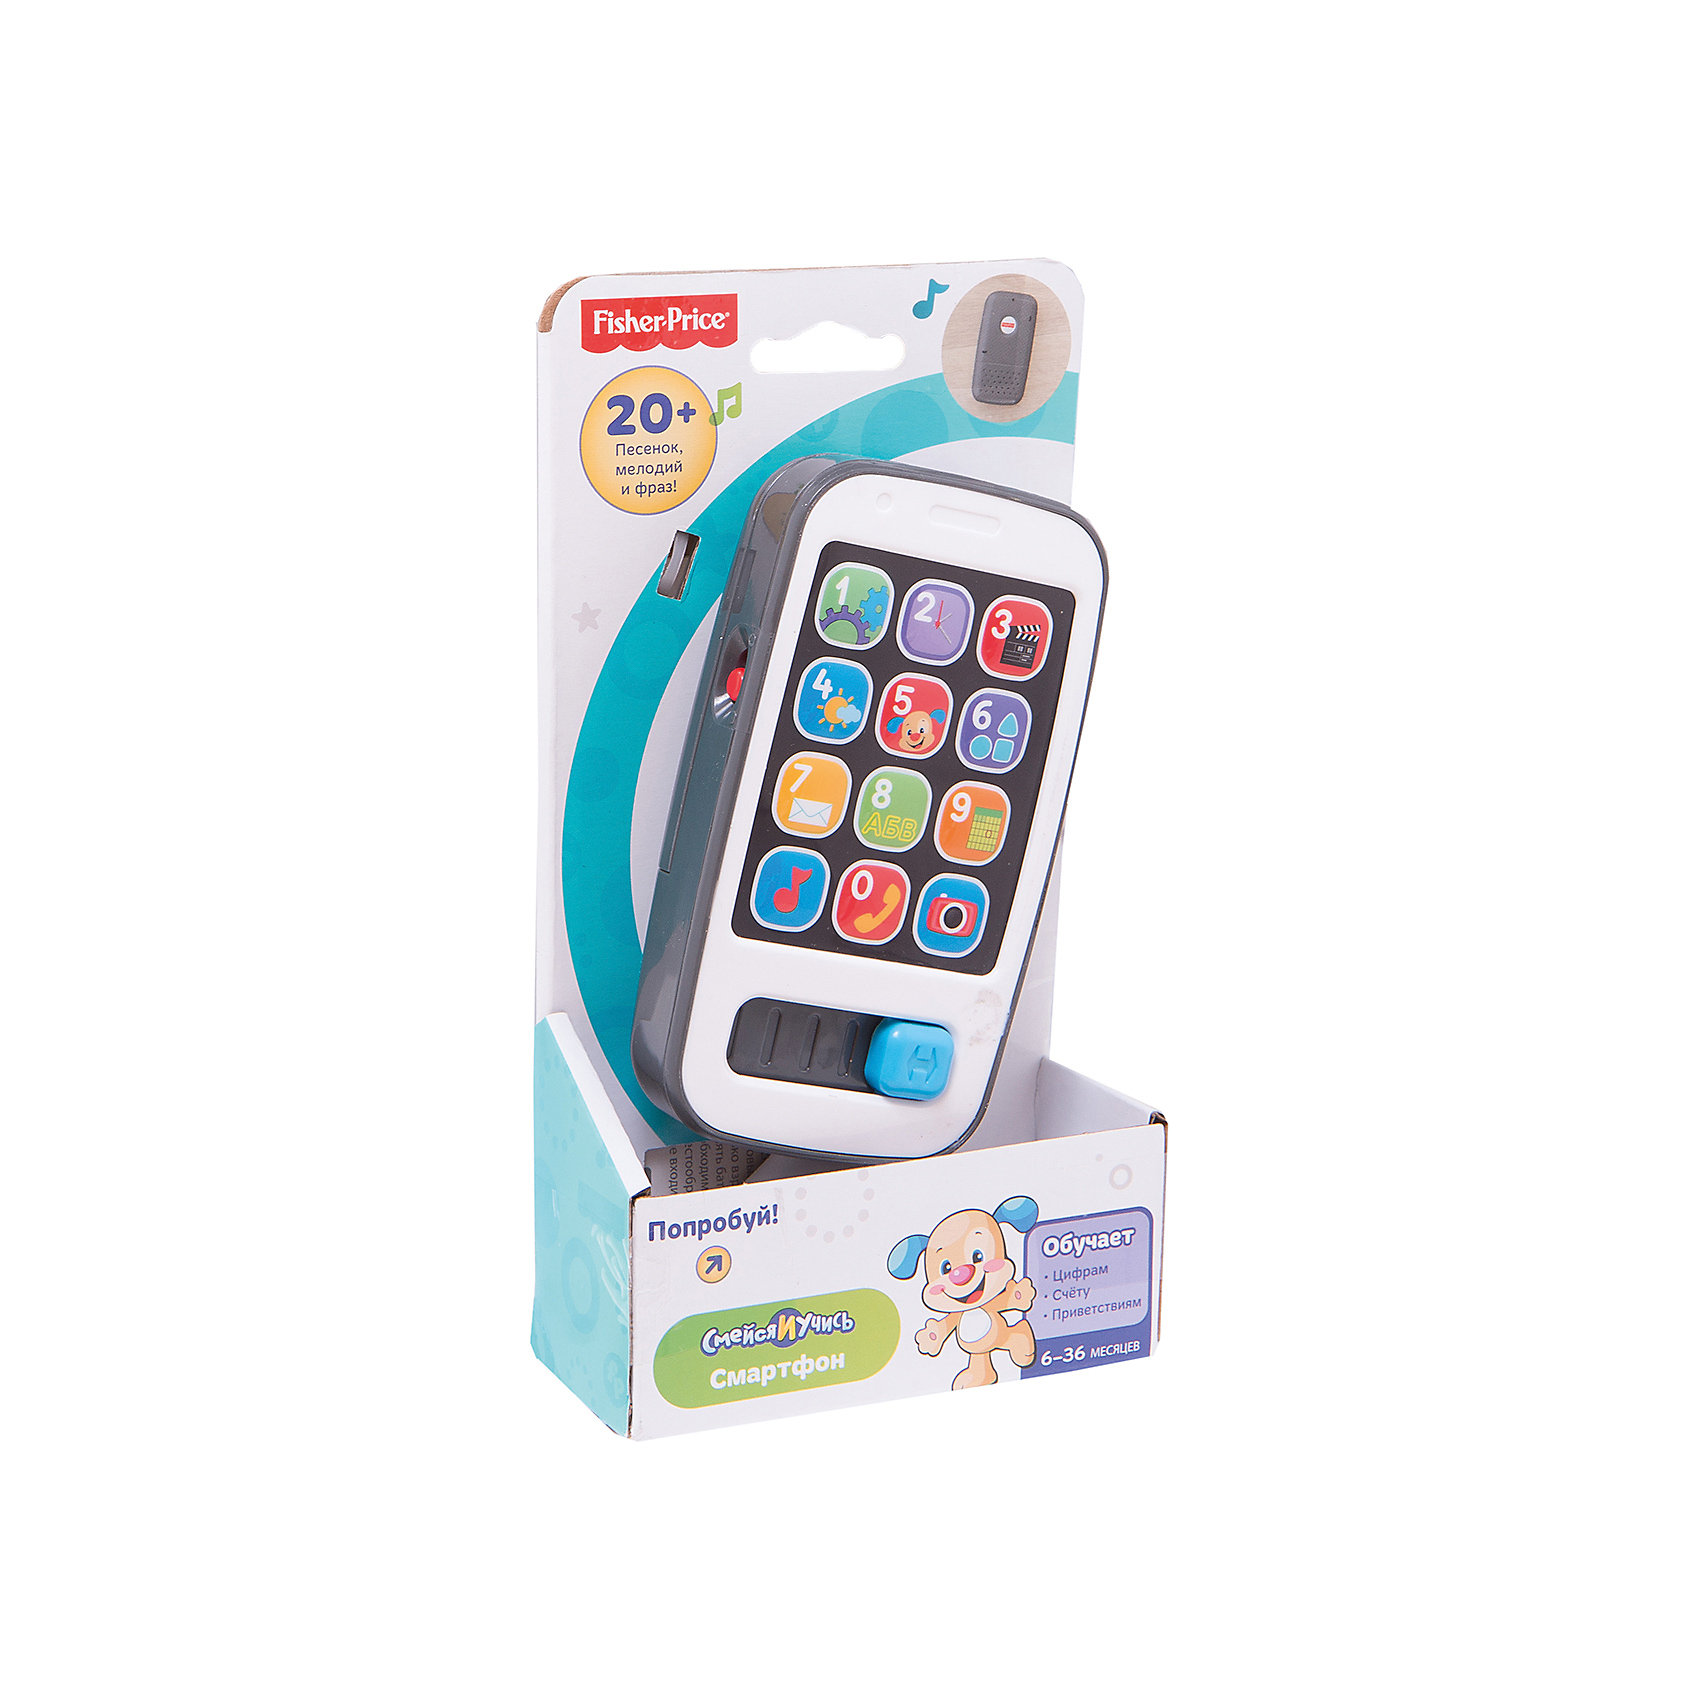 Умный телефон Смейся и учись Fisher-PriceНовый и красивый телефон специально для самых маленьких! Нажмите любую кнопку, чтобы услышать песни и фразы о числах, приветствиях, счете и многом другом. Свет мигает в такт музыке. Ребенок может передвигать слайдер-ползунок, чтобы активировать дополнительные песни и звуки. Игрушка выполнена из высококачественных безопасных для детей материалов.<br><br>Дополнительная информация:<br><br>- Материал: пластик.<br>- Размер: 4,5х11х20,5 см.<br>- Звуковые эффекты. <br>- Элемент питания: 2 АА батарейки (демонстрационные в комплекте).<br>- 20 мелодий и фраз.<br>- Основные правила счета.  <br><br>Умный телефон Смейся и учись, Fisher-Price, можно купить в нашем магазине.<br><br>Ширина мм: 205<br>Глубина мм: 110<br>Высота мм: 45<br>Вес г: 202<br>Возраст от месяцев: 6<br>Возраст до месяцев: 24<br>Пол: Унисекс<br>Возраст: Детский<br>SKU: 4435736